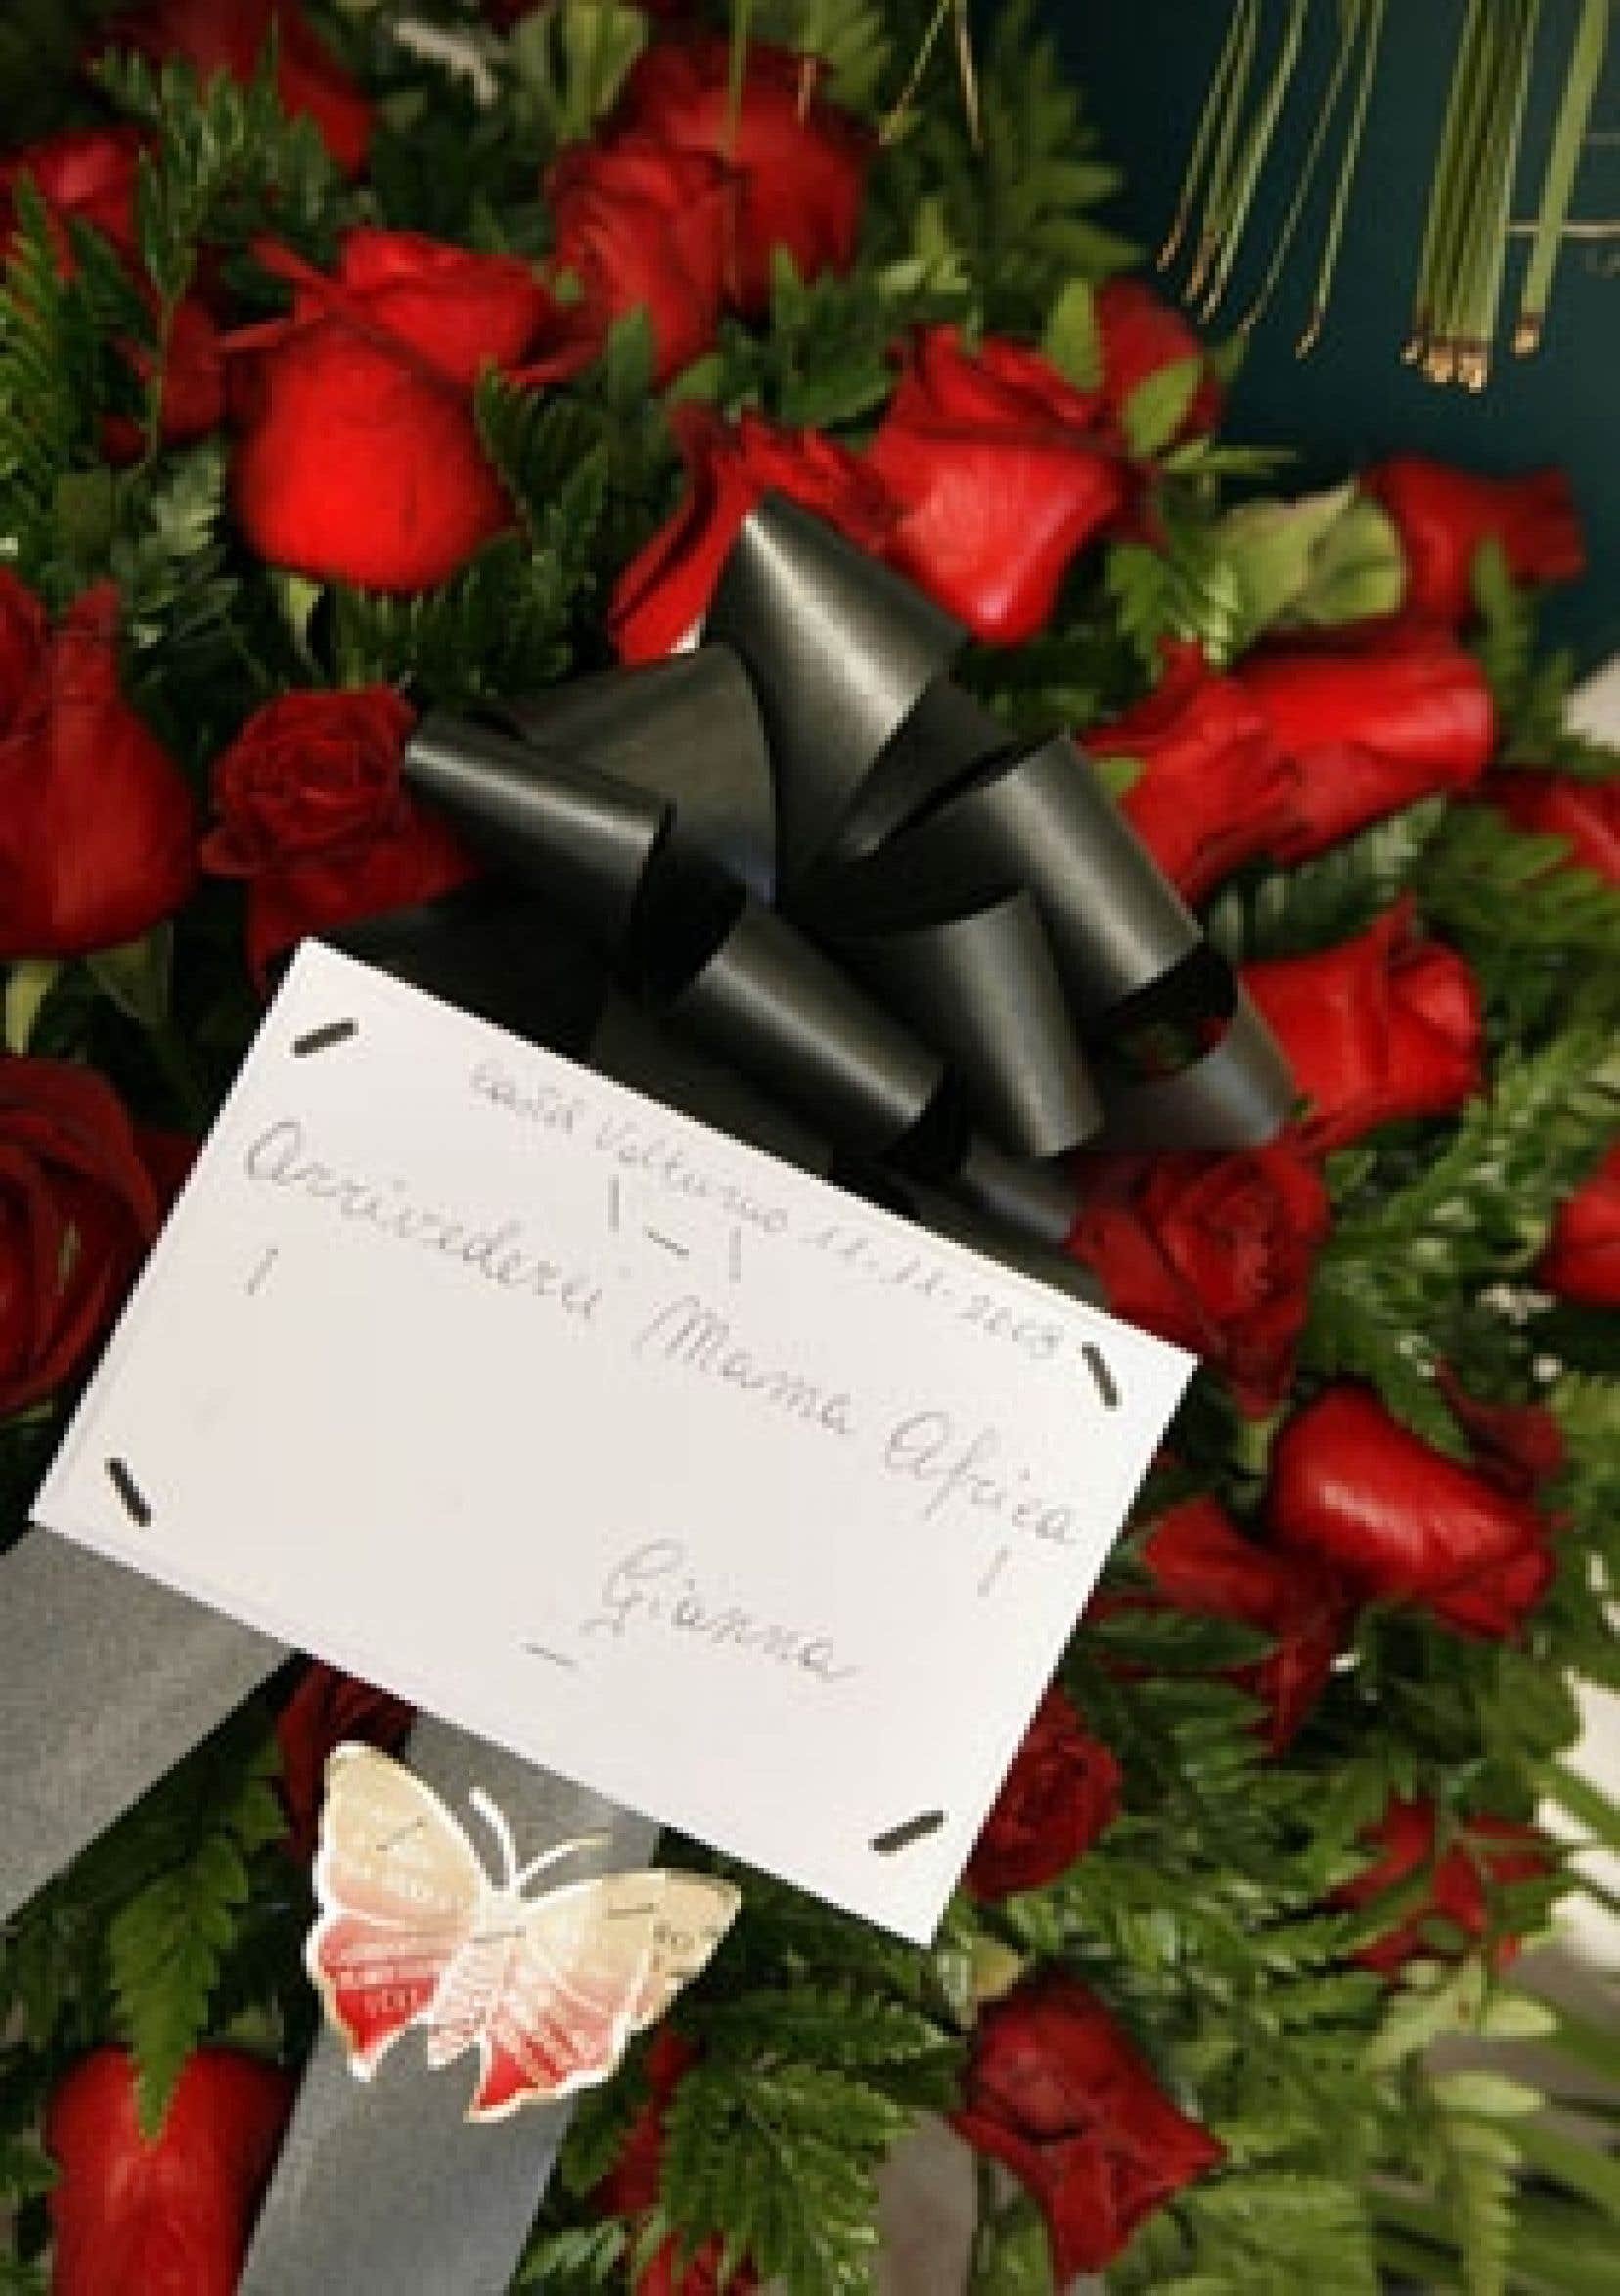 Un bouquet de fleurs a été laissé devant l'hôpital où la chanteuse Miriam Makeba est décédée, dans le sud de l'Italie.